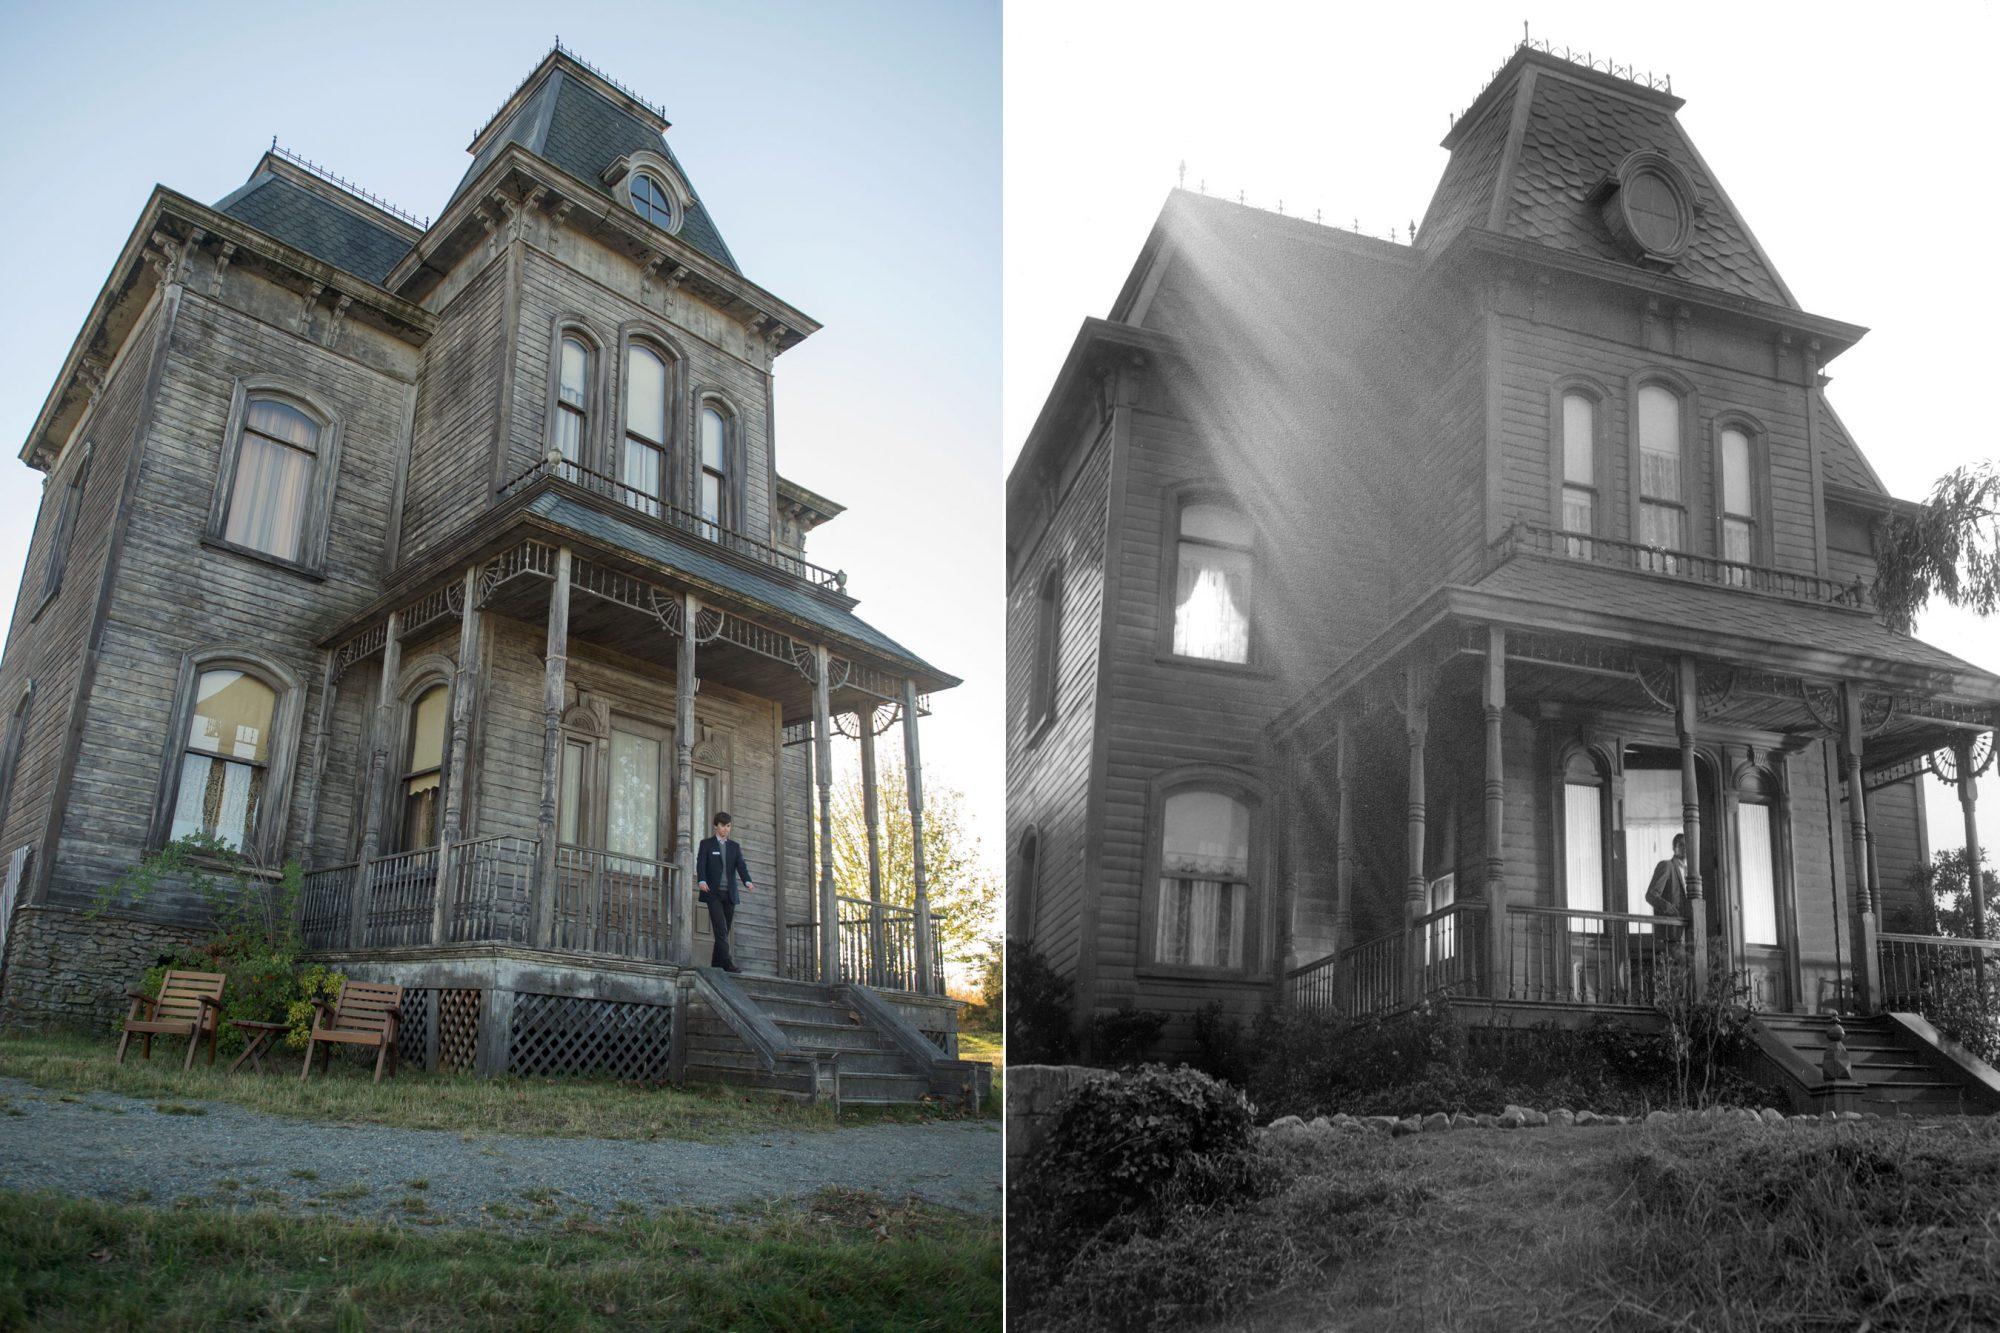 Bates Motel vs. Psycho